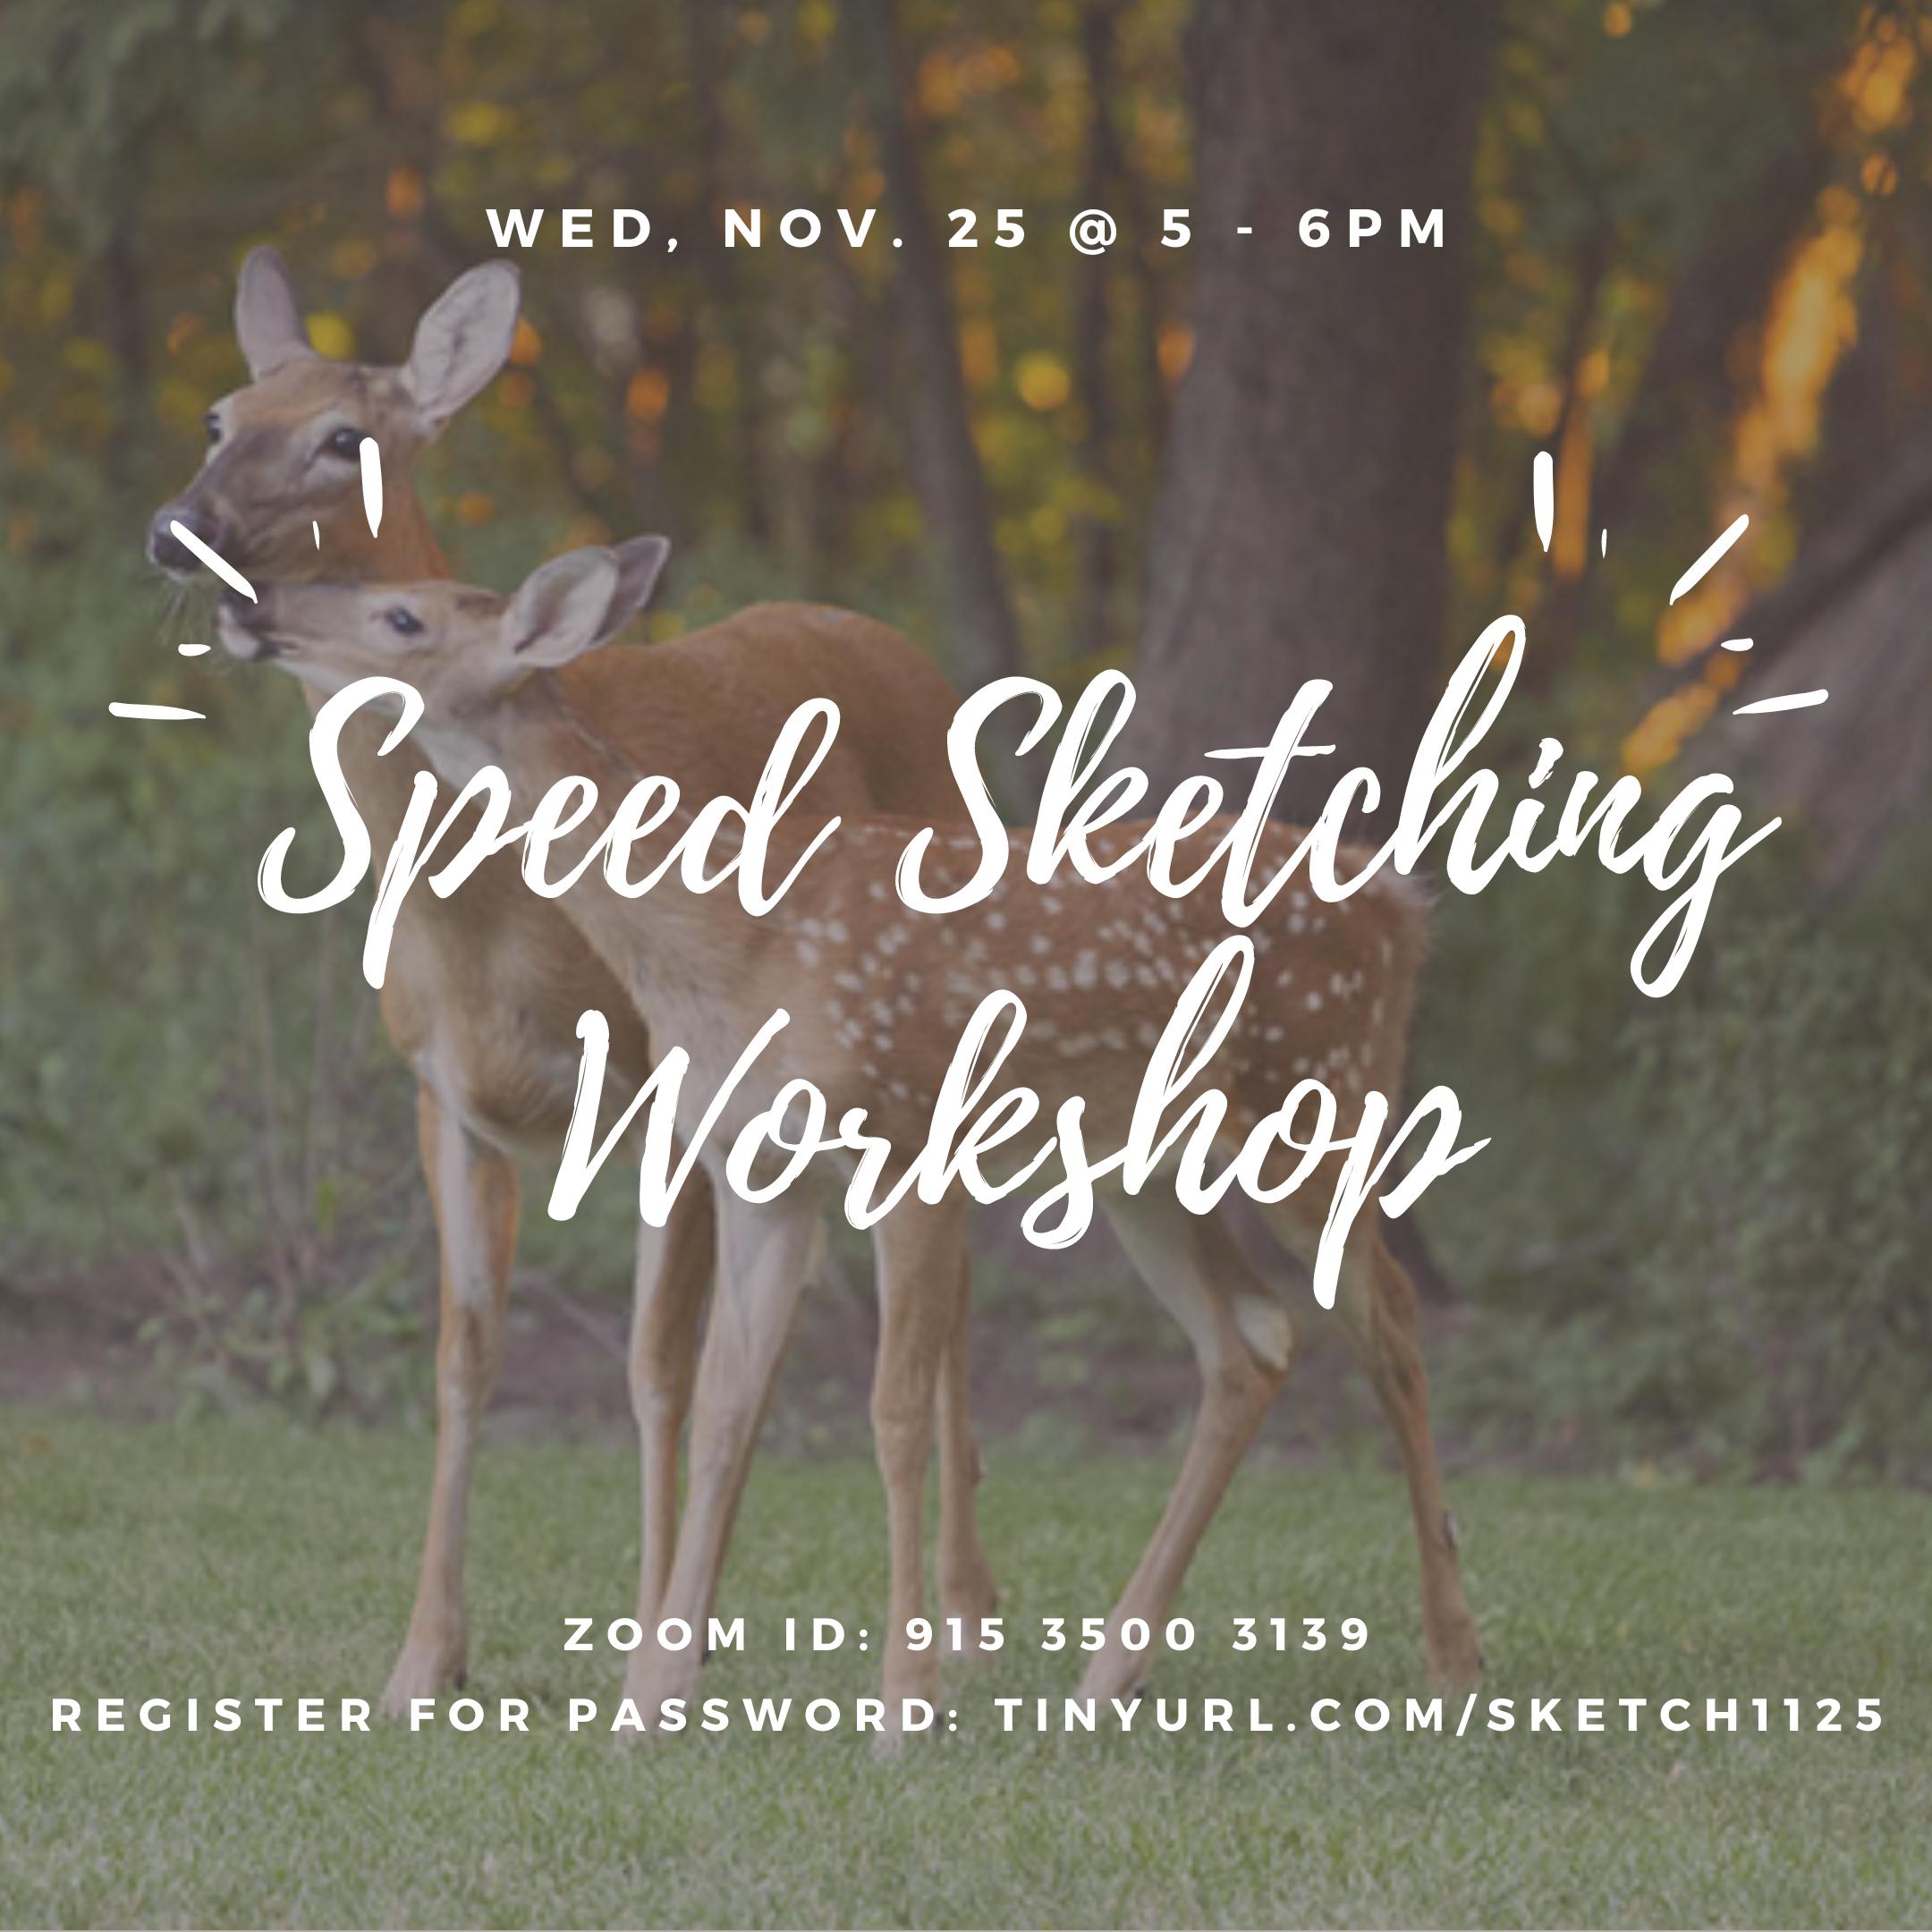 Speed Sketching Workshop @ Zoom Meeting ID: 915 3500 3139